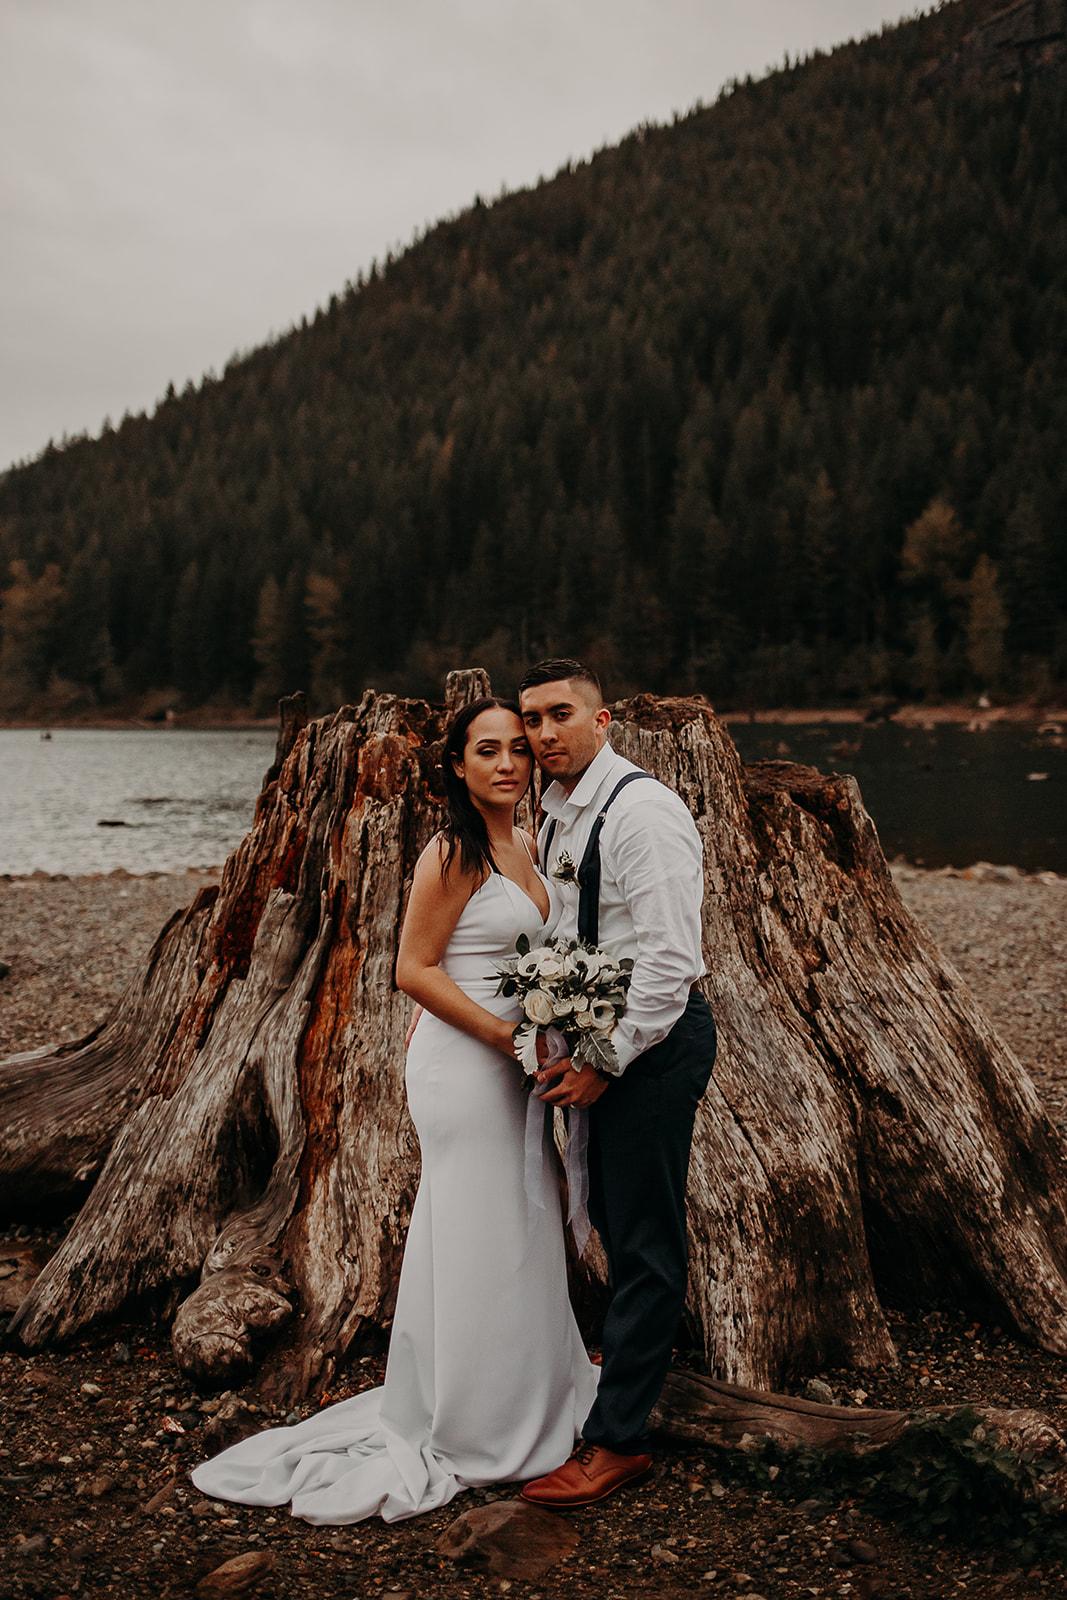 winter-mountain-elopement-asheville-wedding-photographer-megan-gallagher-photographer (85).jpg